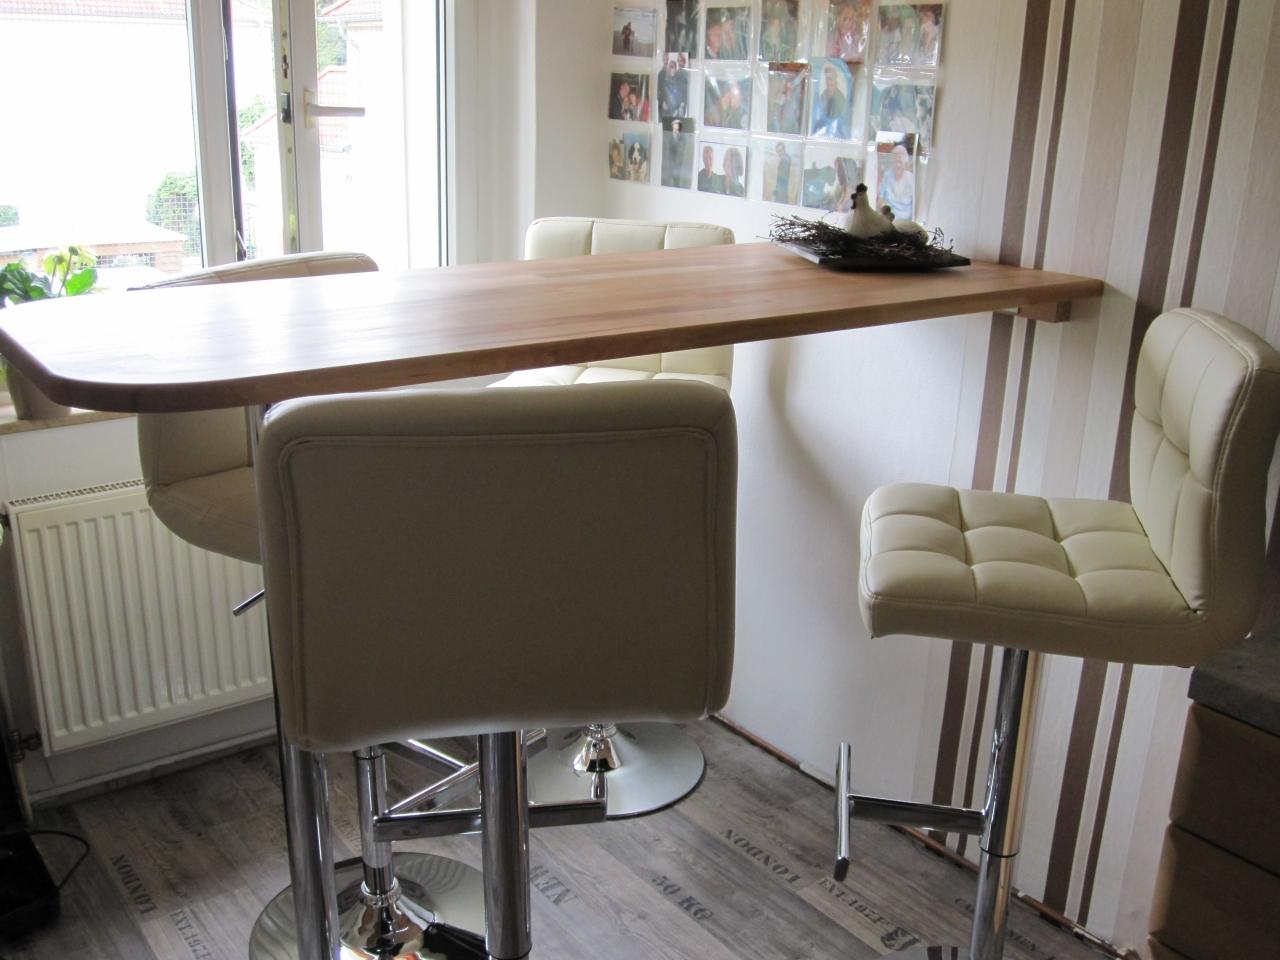 Küchen-Tresen-Tisch - Bauanleitung zum Selberbauen - 1-2-do.com ...